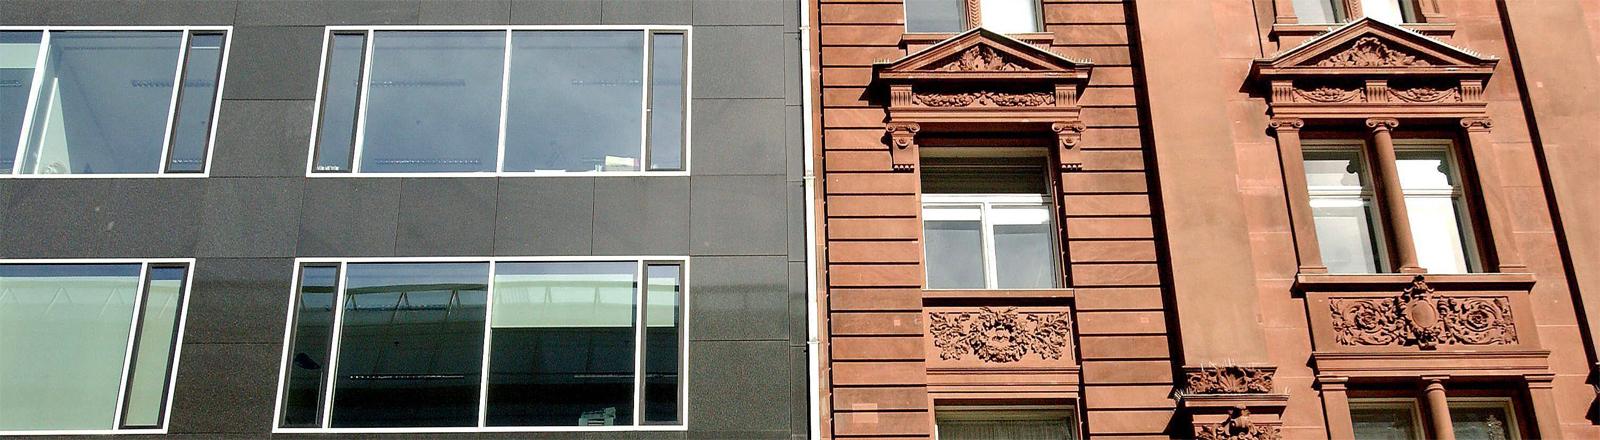 Neubau und Altbau in Berlin - Aufnahme aus dem Jahr 2004